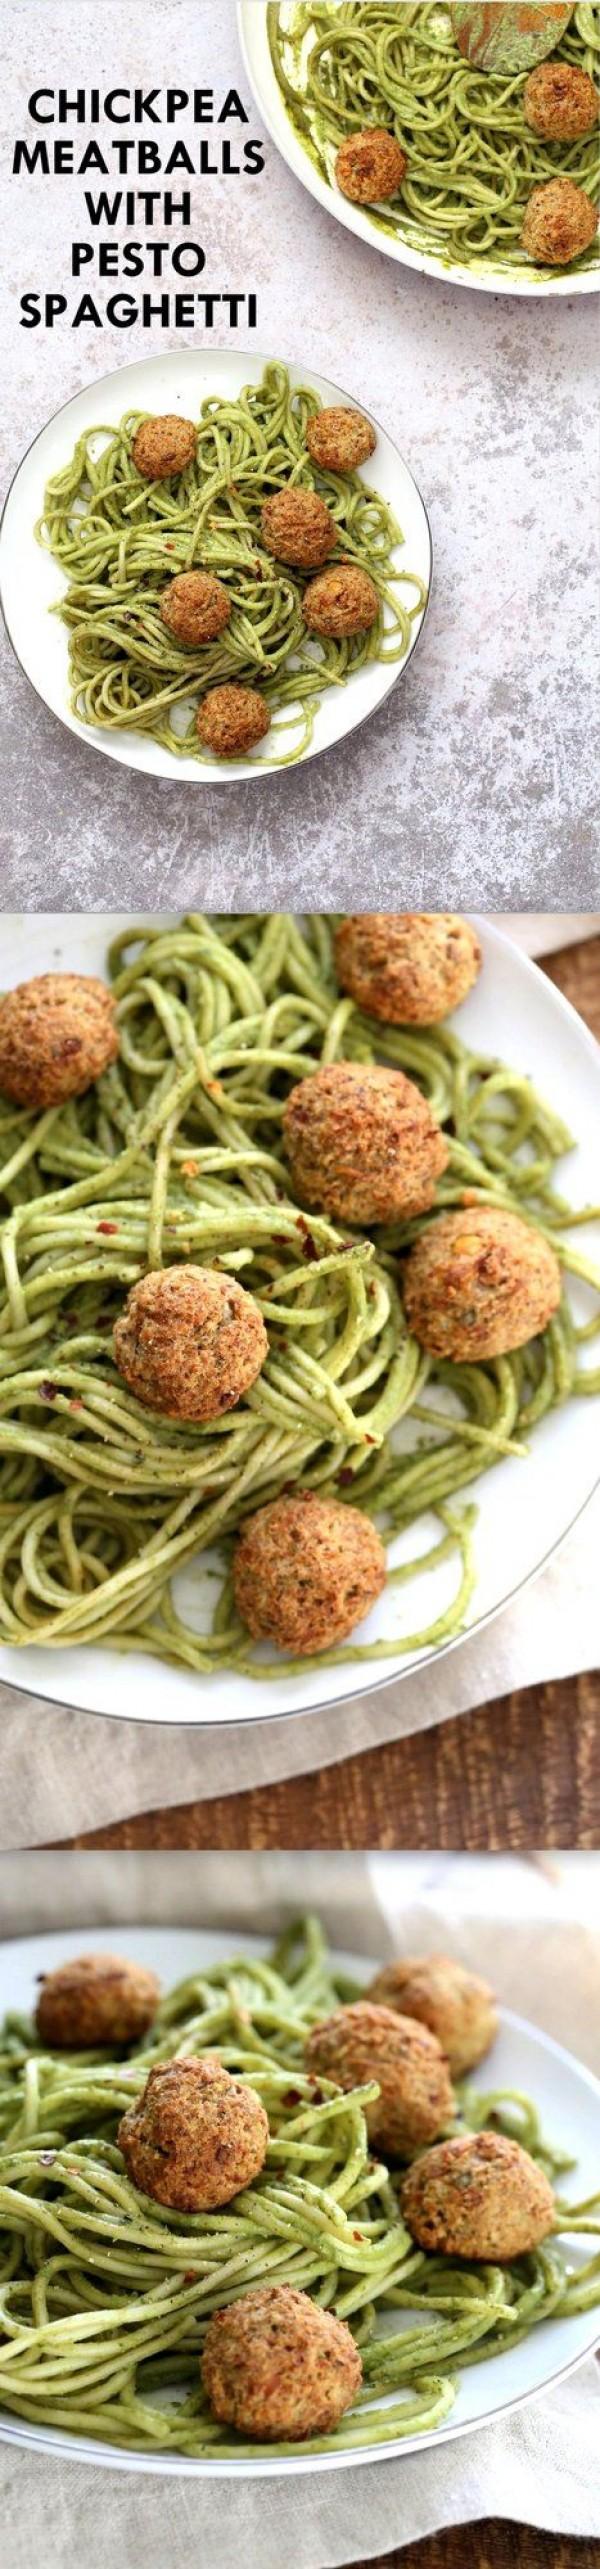 Get the recipe Chickpea Meatballs with Pesto Spaghetti @recipes_to_go